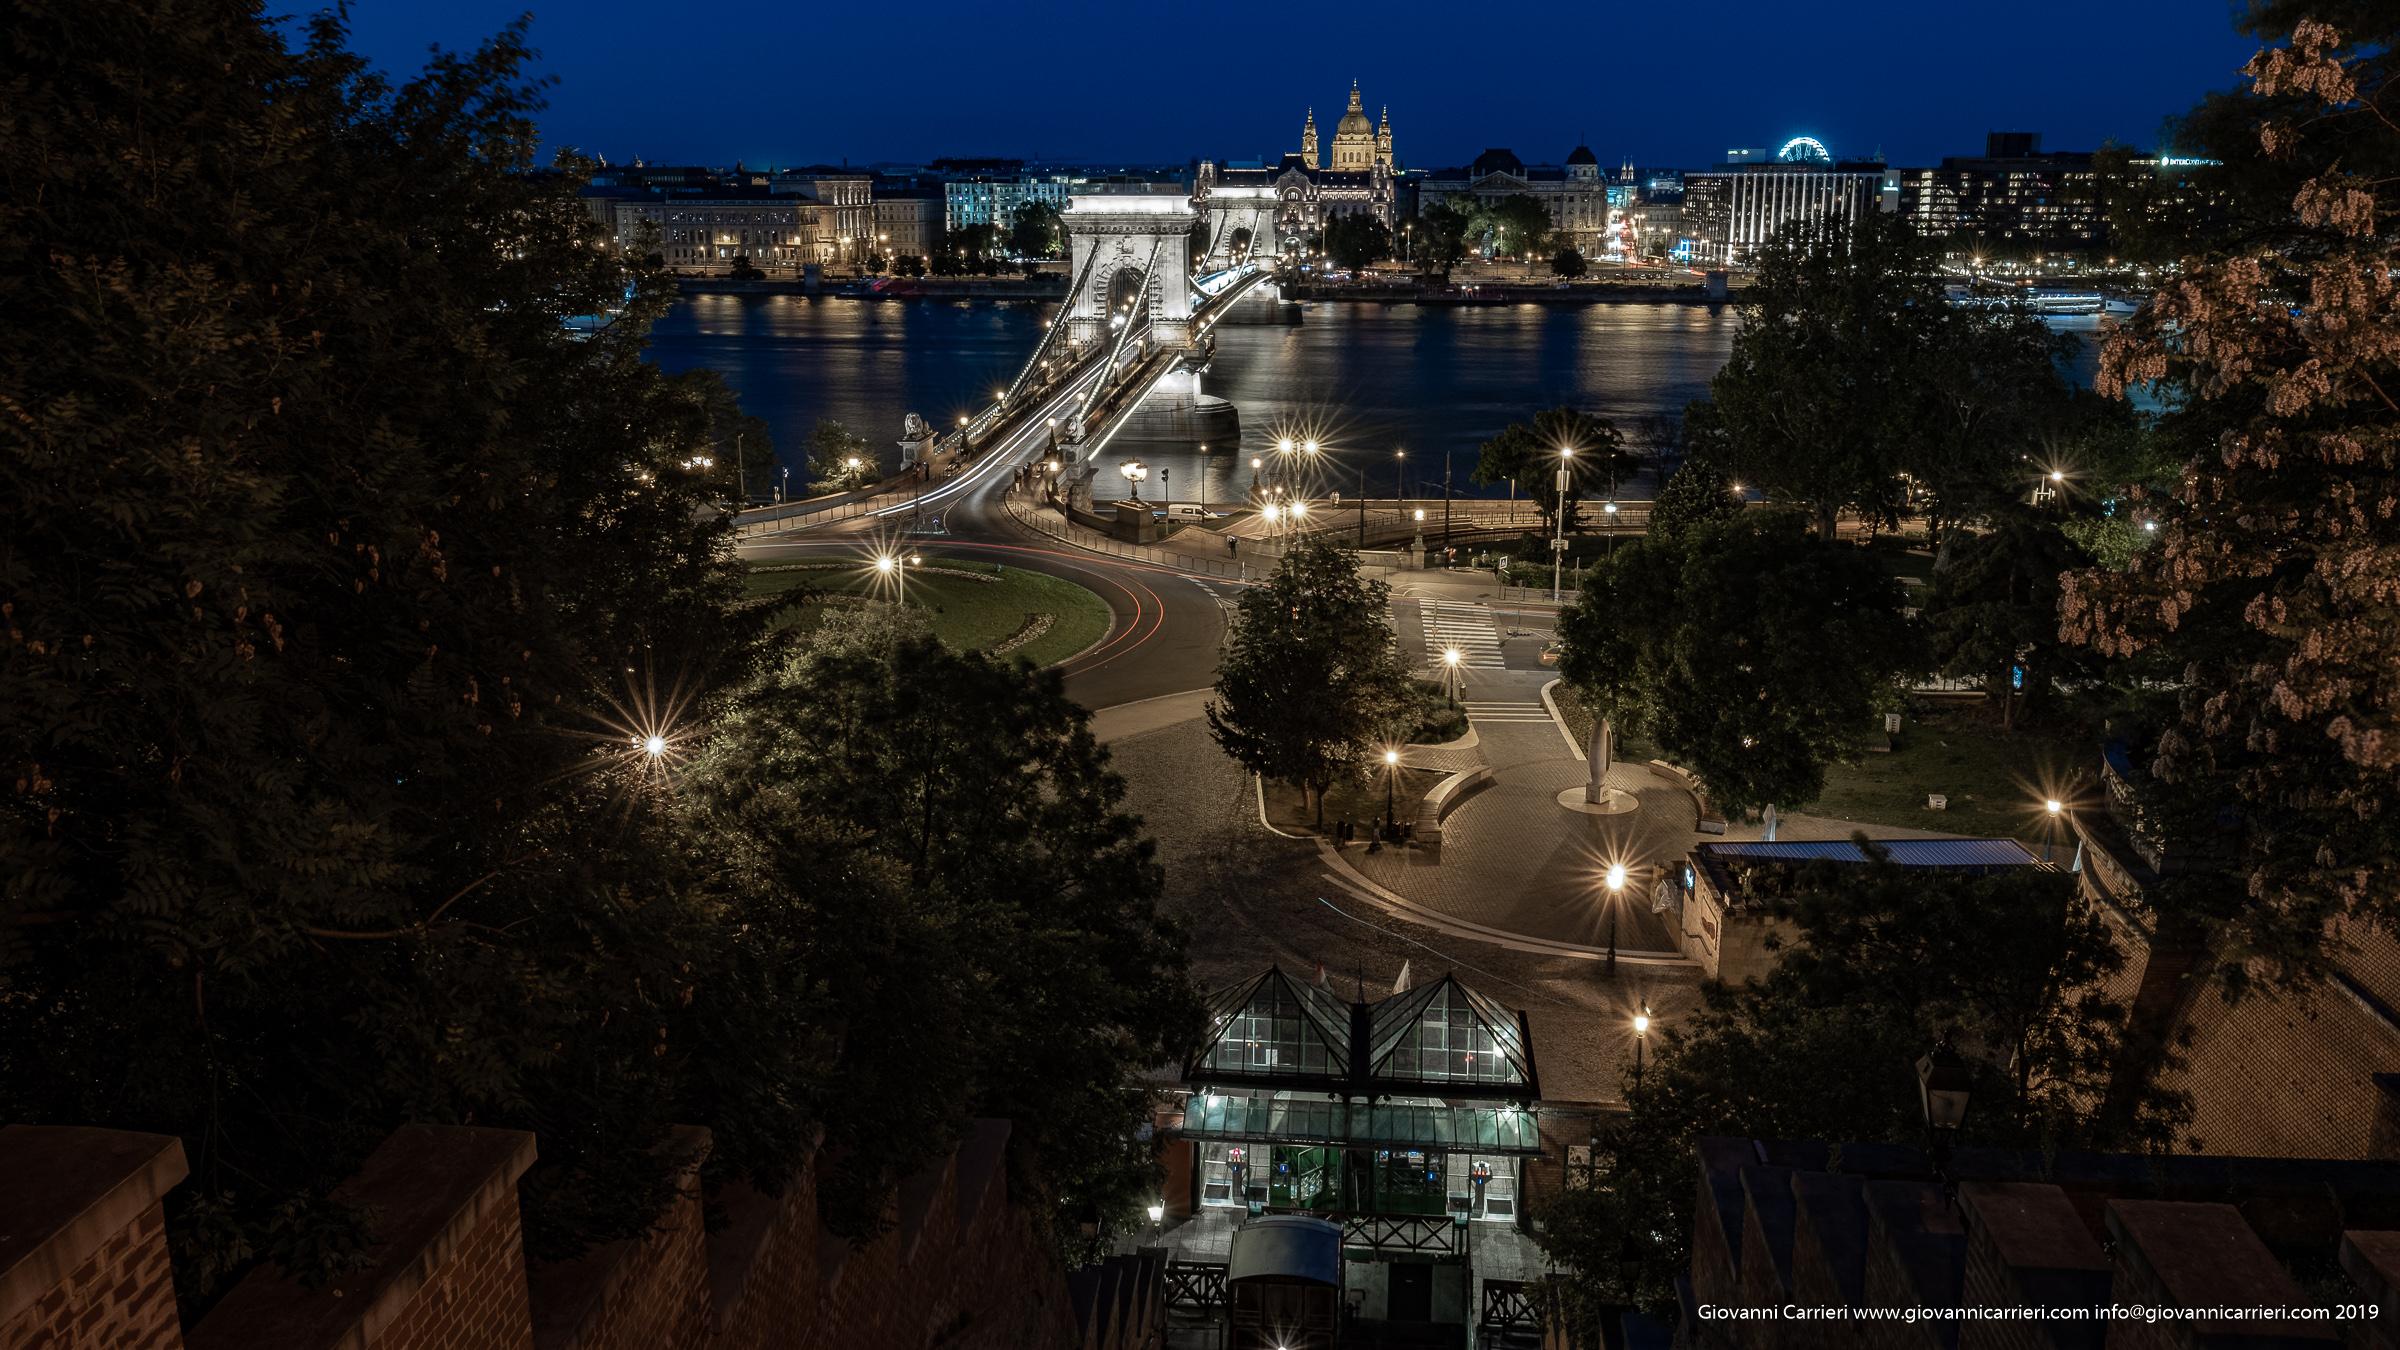 Il ponte di catene di notte